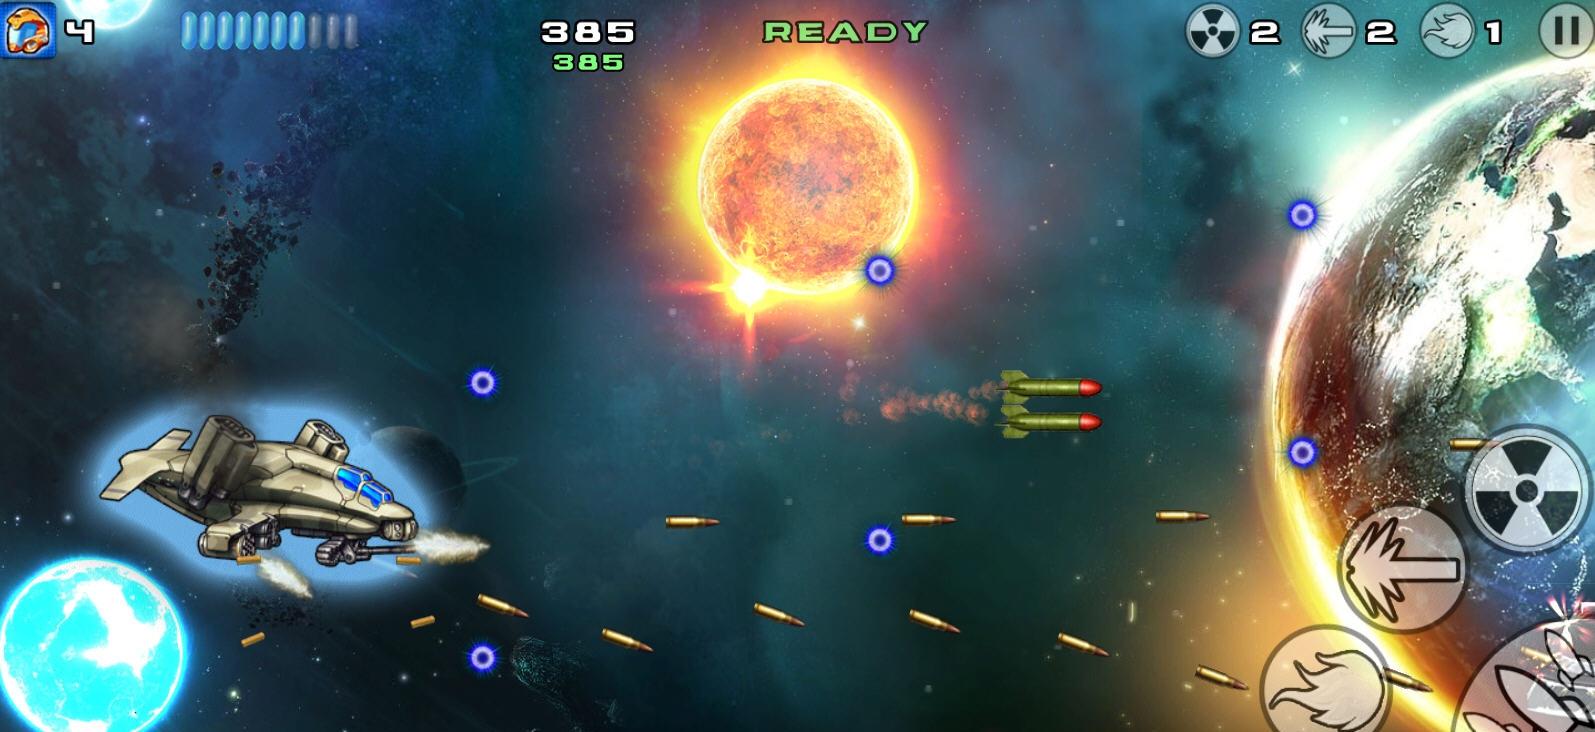 《星际战机:杀戮之战》(Starfighter Overkill)是一款非常不错的弹幕类游戏,游戏中,玩家除了要躲避弹幕外,还要将对方不断出现的敌机打败,游戏还是有一定的难度的。下面我们就为大家送上这款游戏的一些精彩截图。